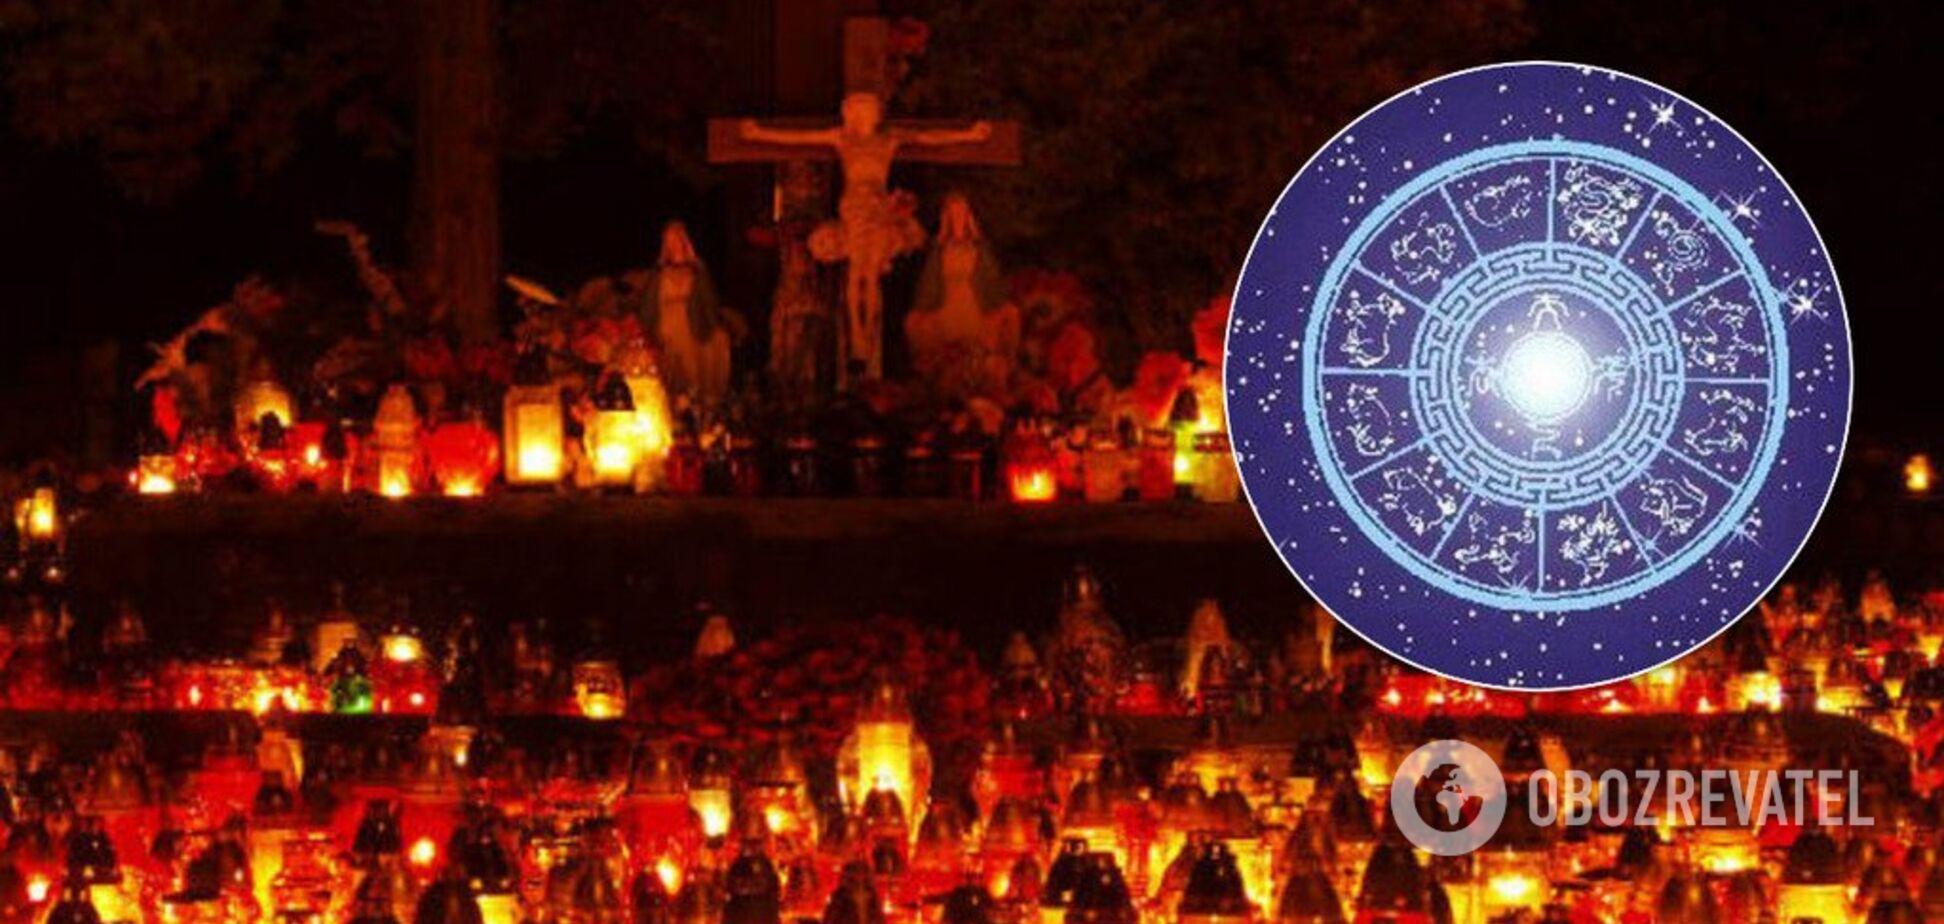 День всех святых-2019: каким знакам Зодиака грозит беда